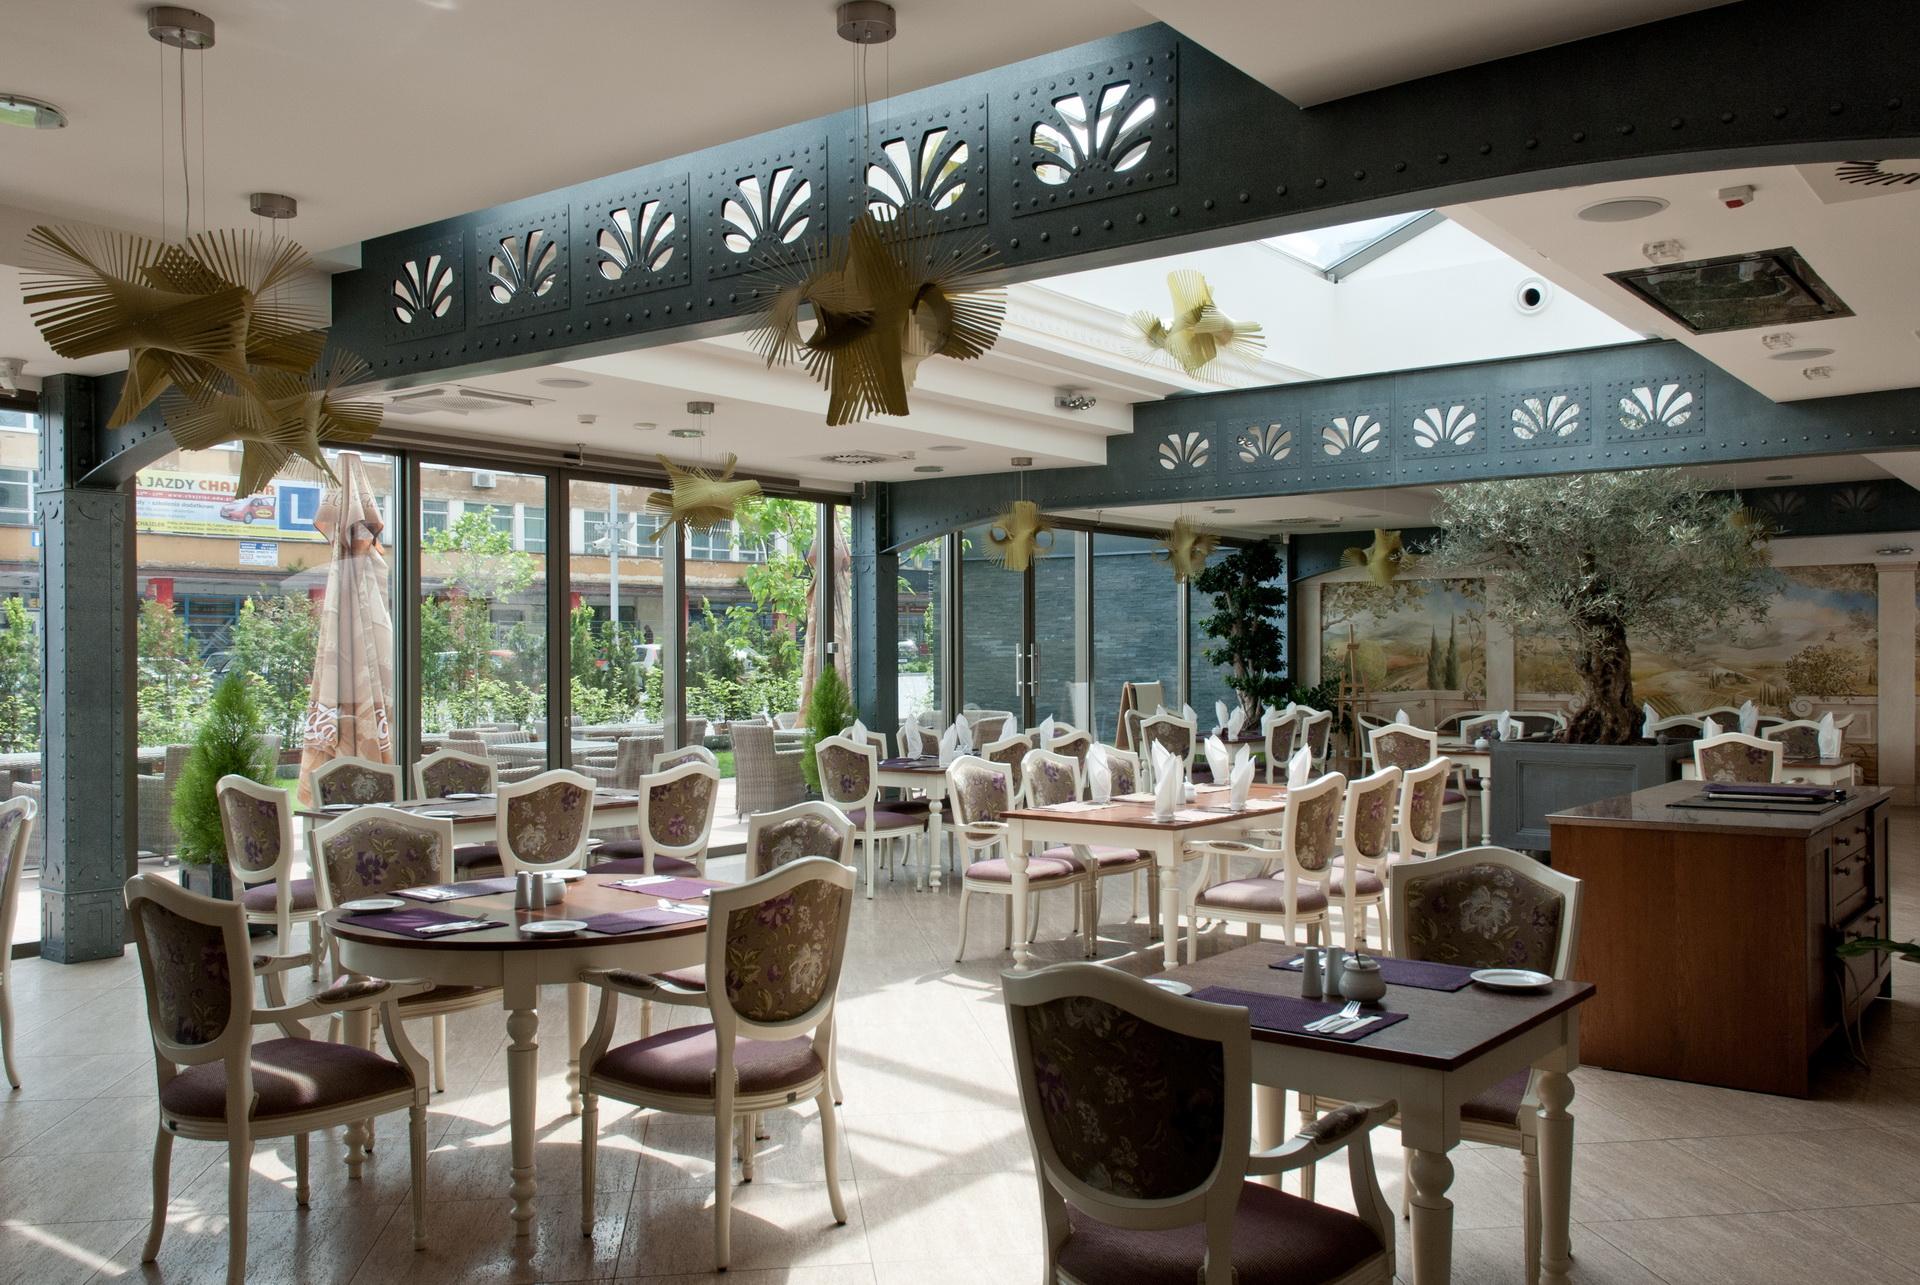 KAWIARNIA W ORANZERII BEST WESTER GRAND HOTELU w KIELCACH, realizacja 2013 r.